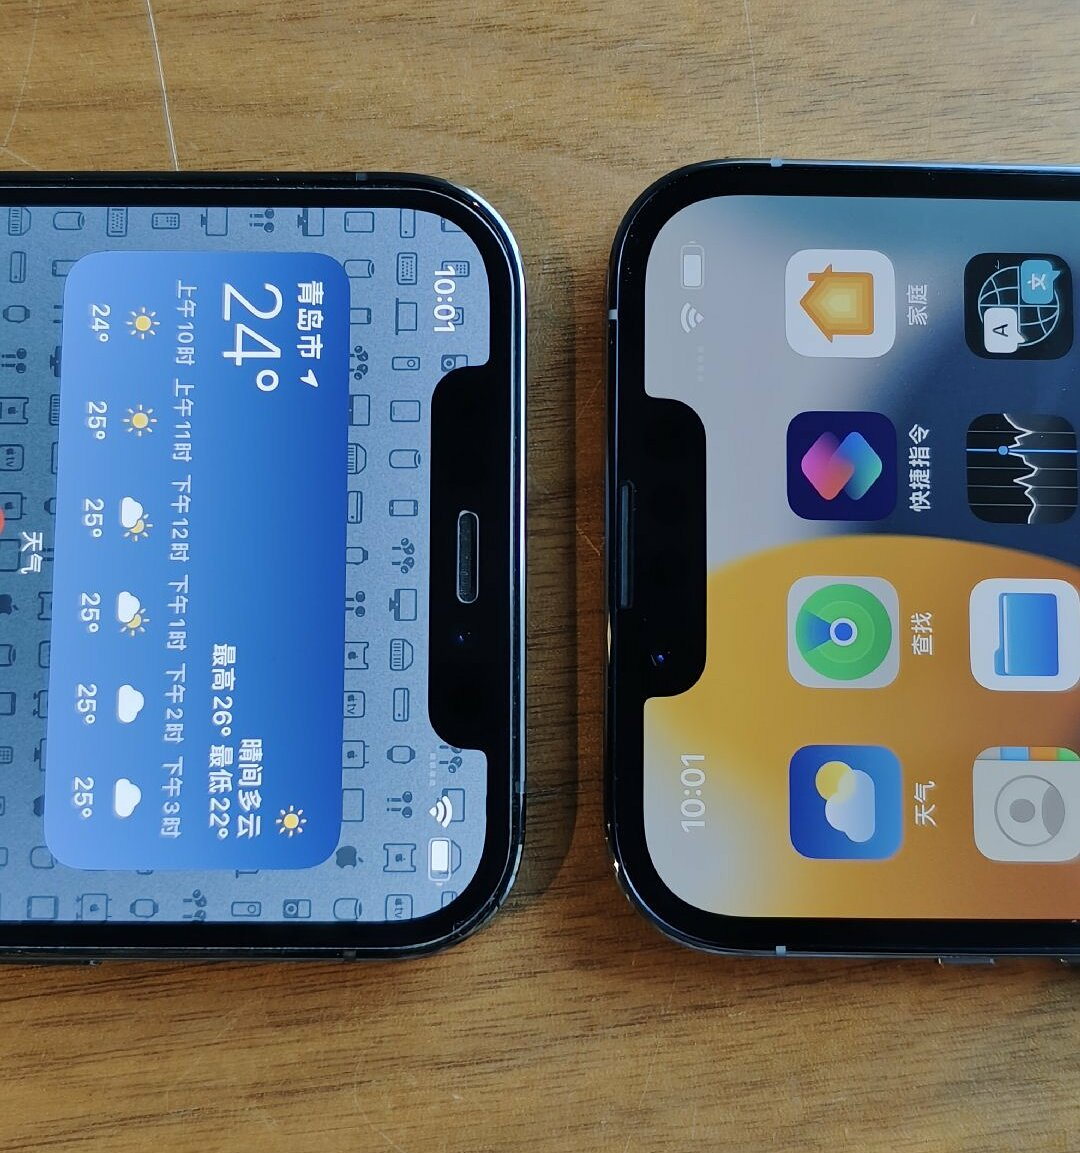 Thay đổi về kích thước của phần notch trên iPhone 12 (trái) và iPhone 13 (phải). Ảnh: Weibo